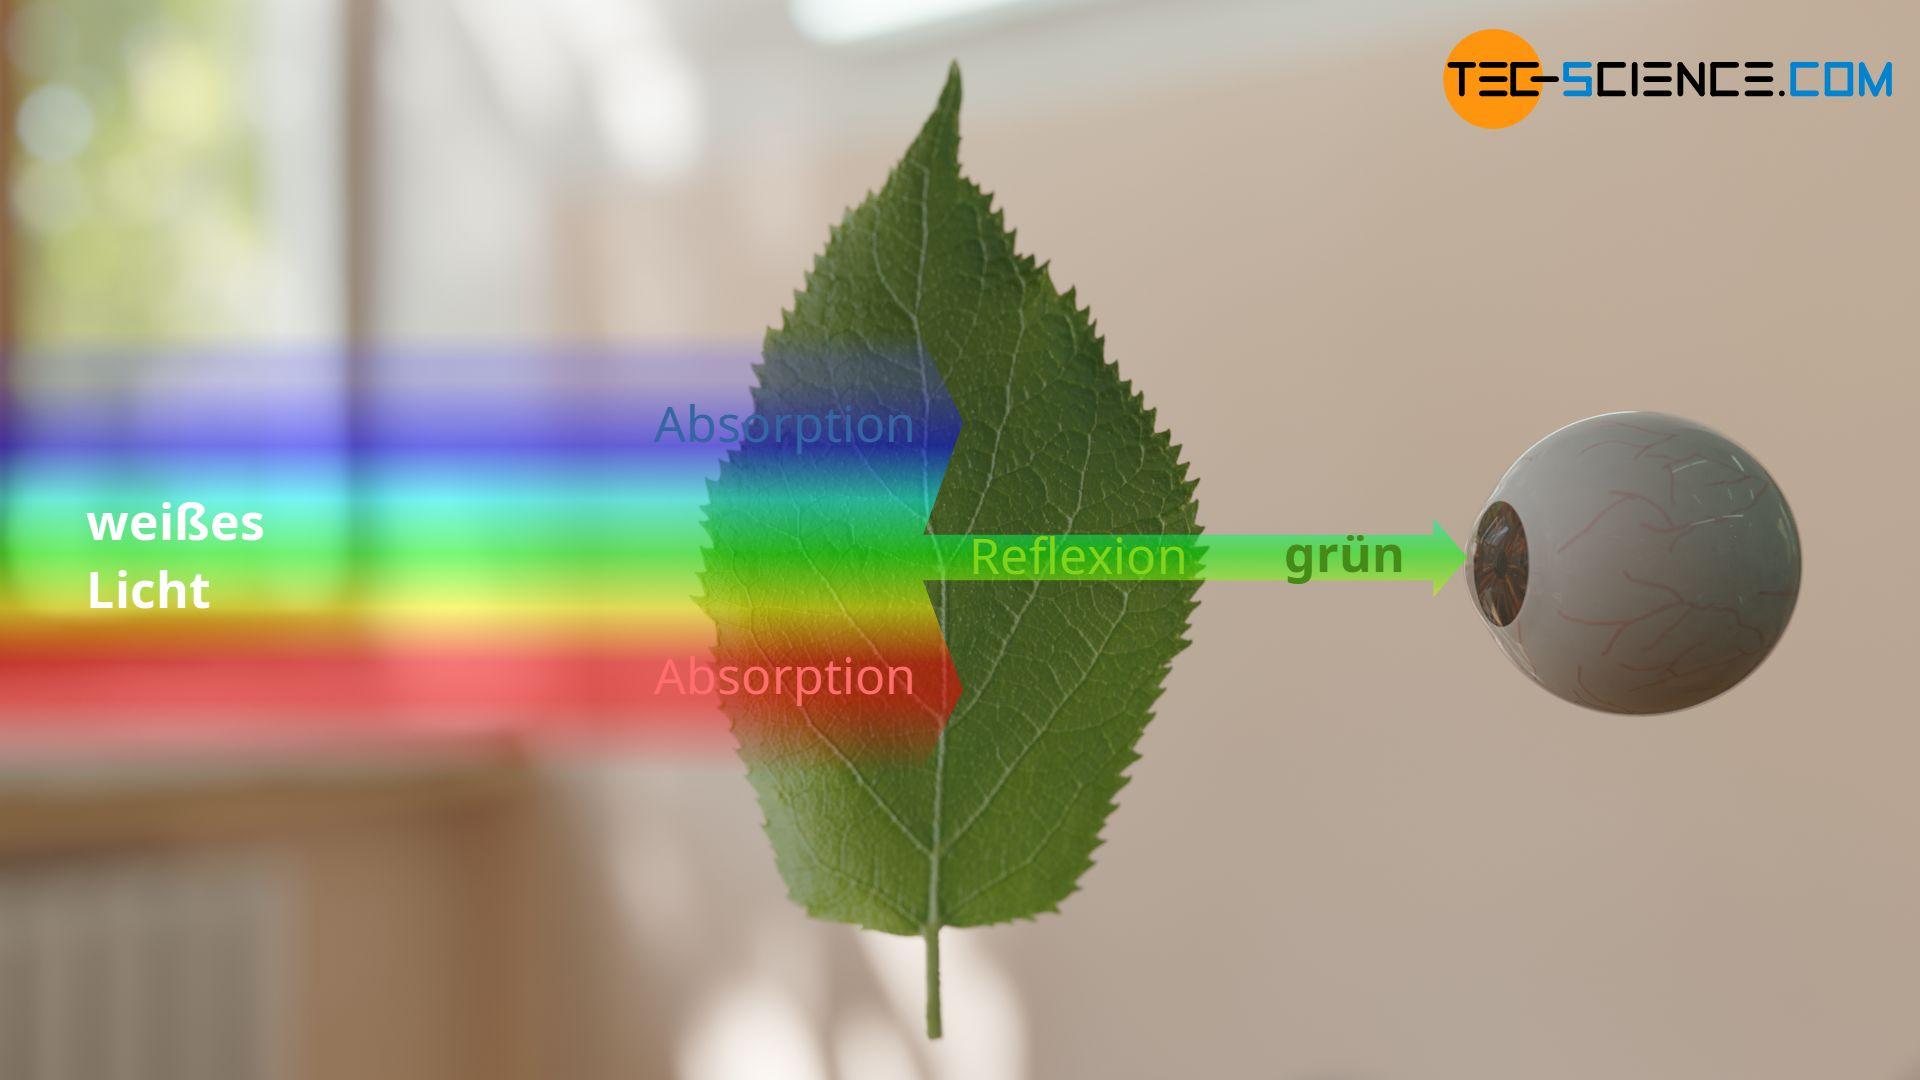 Farbwahrnehmung eines grünen Blattes